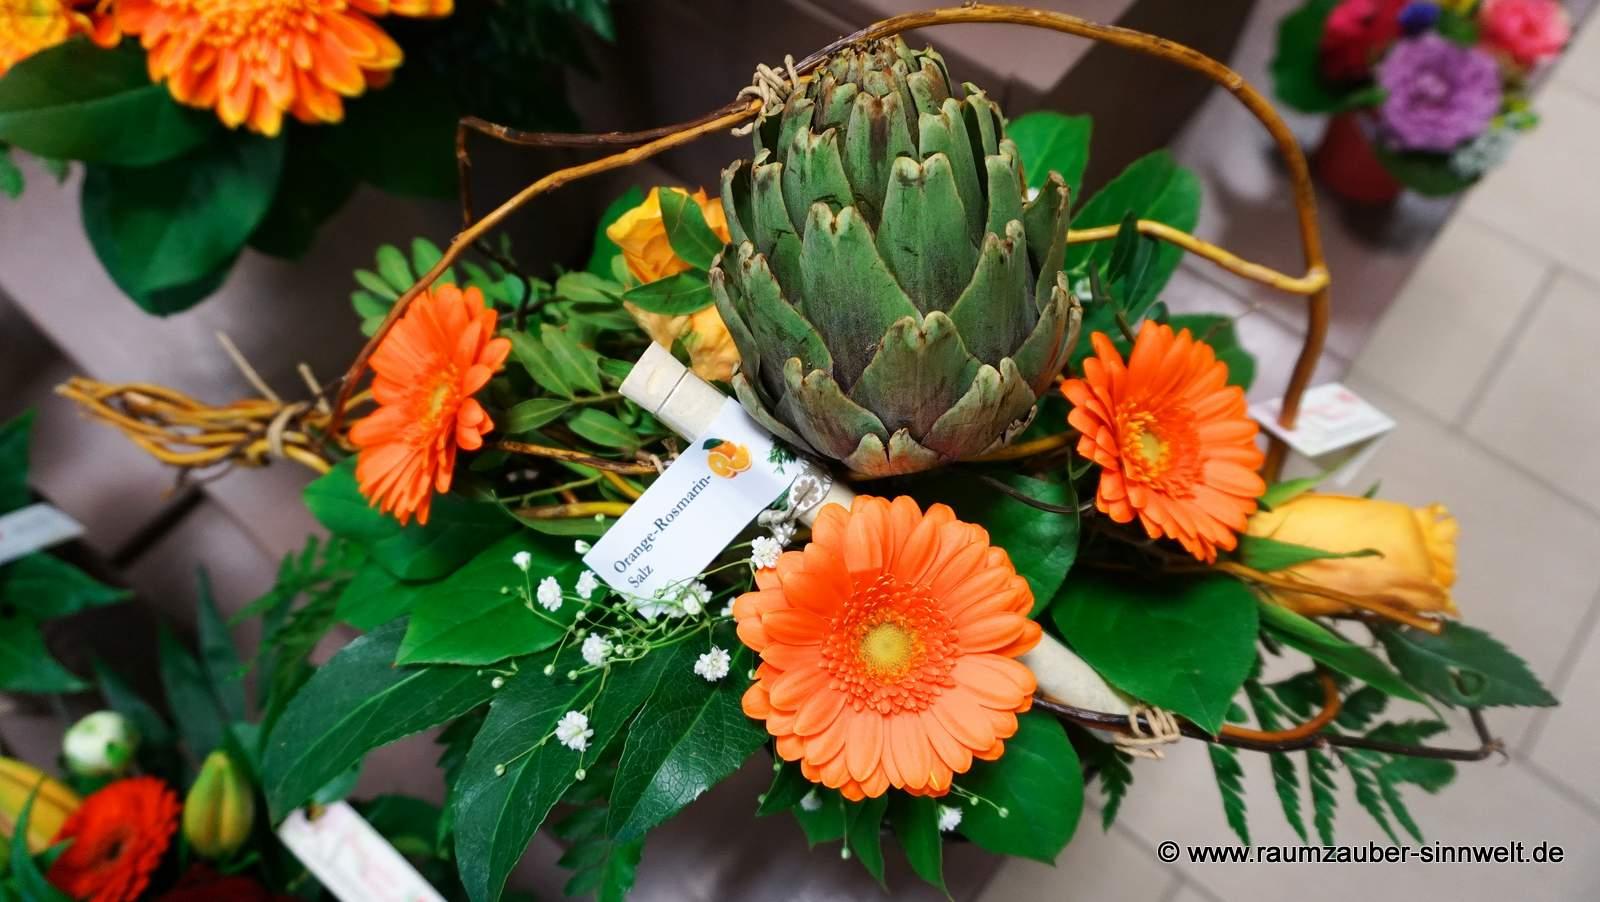 Blumenstrauß mit Gewürzröhrchen